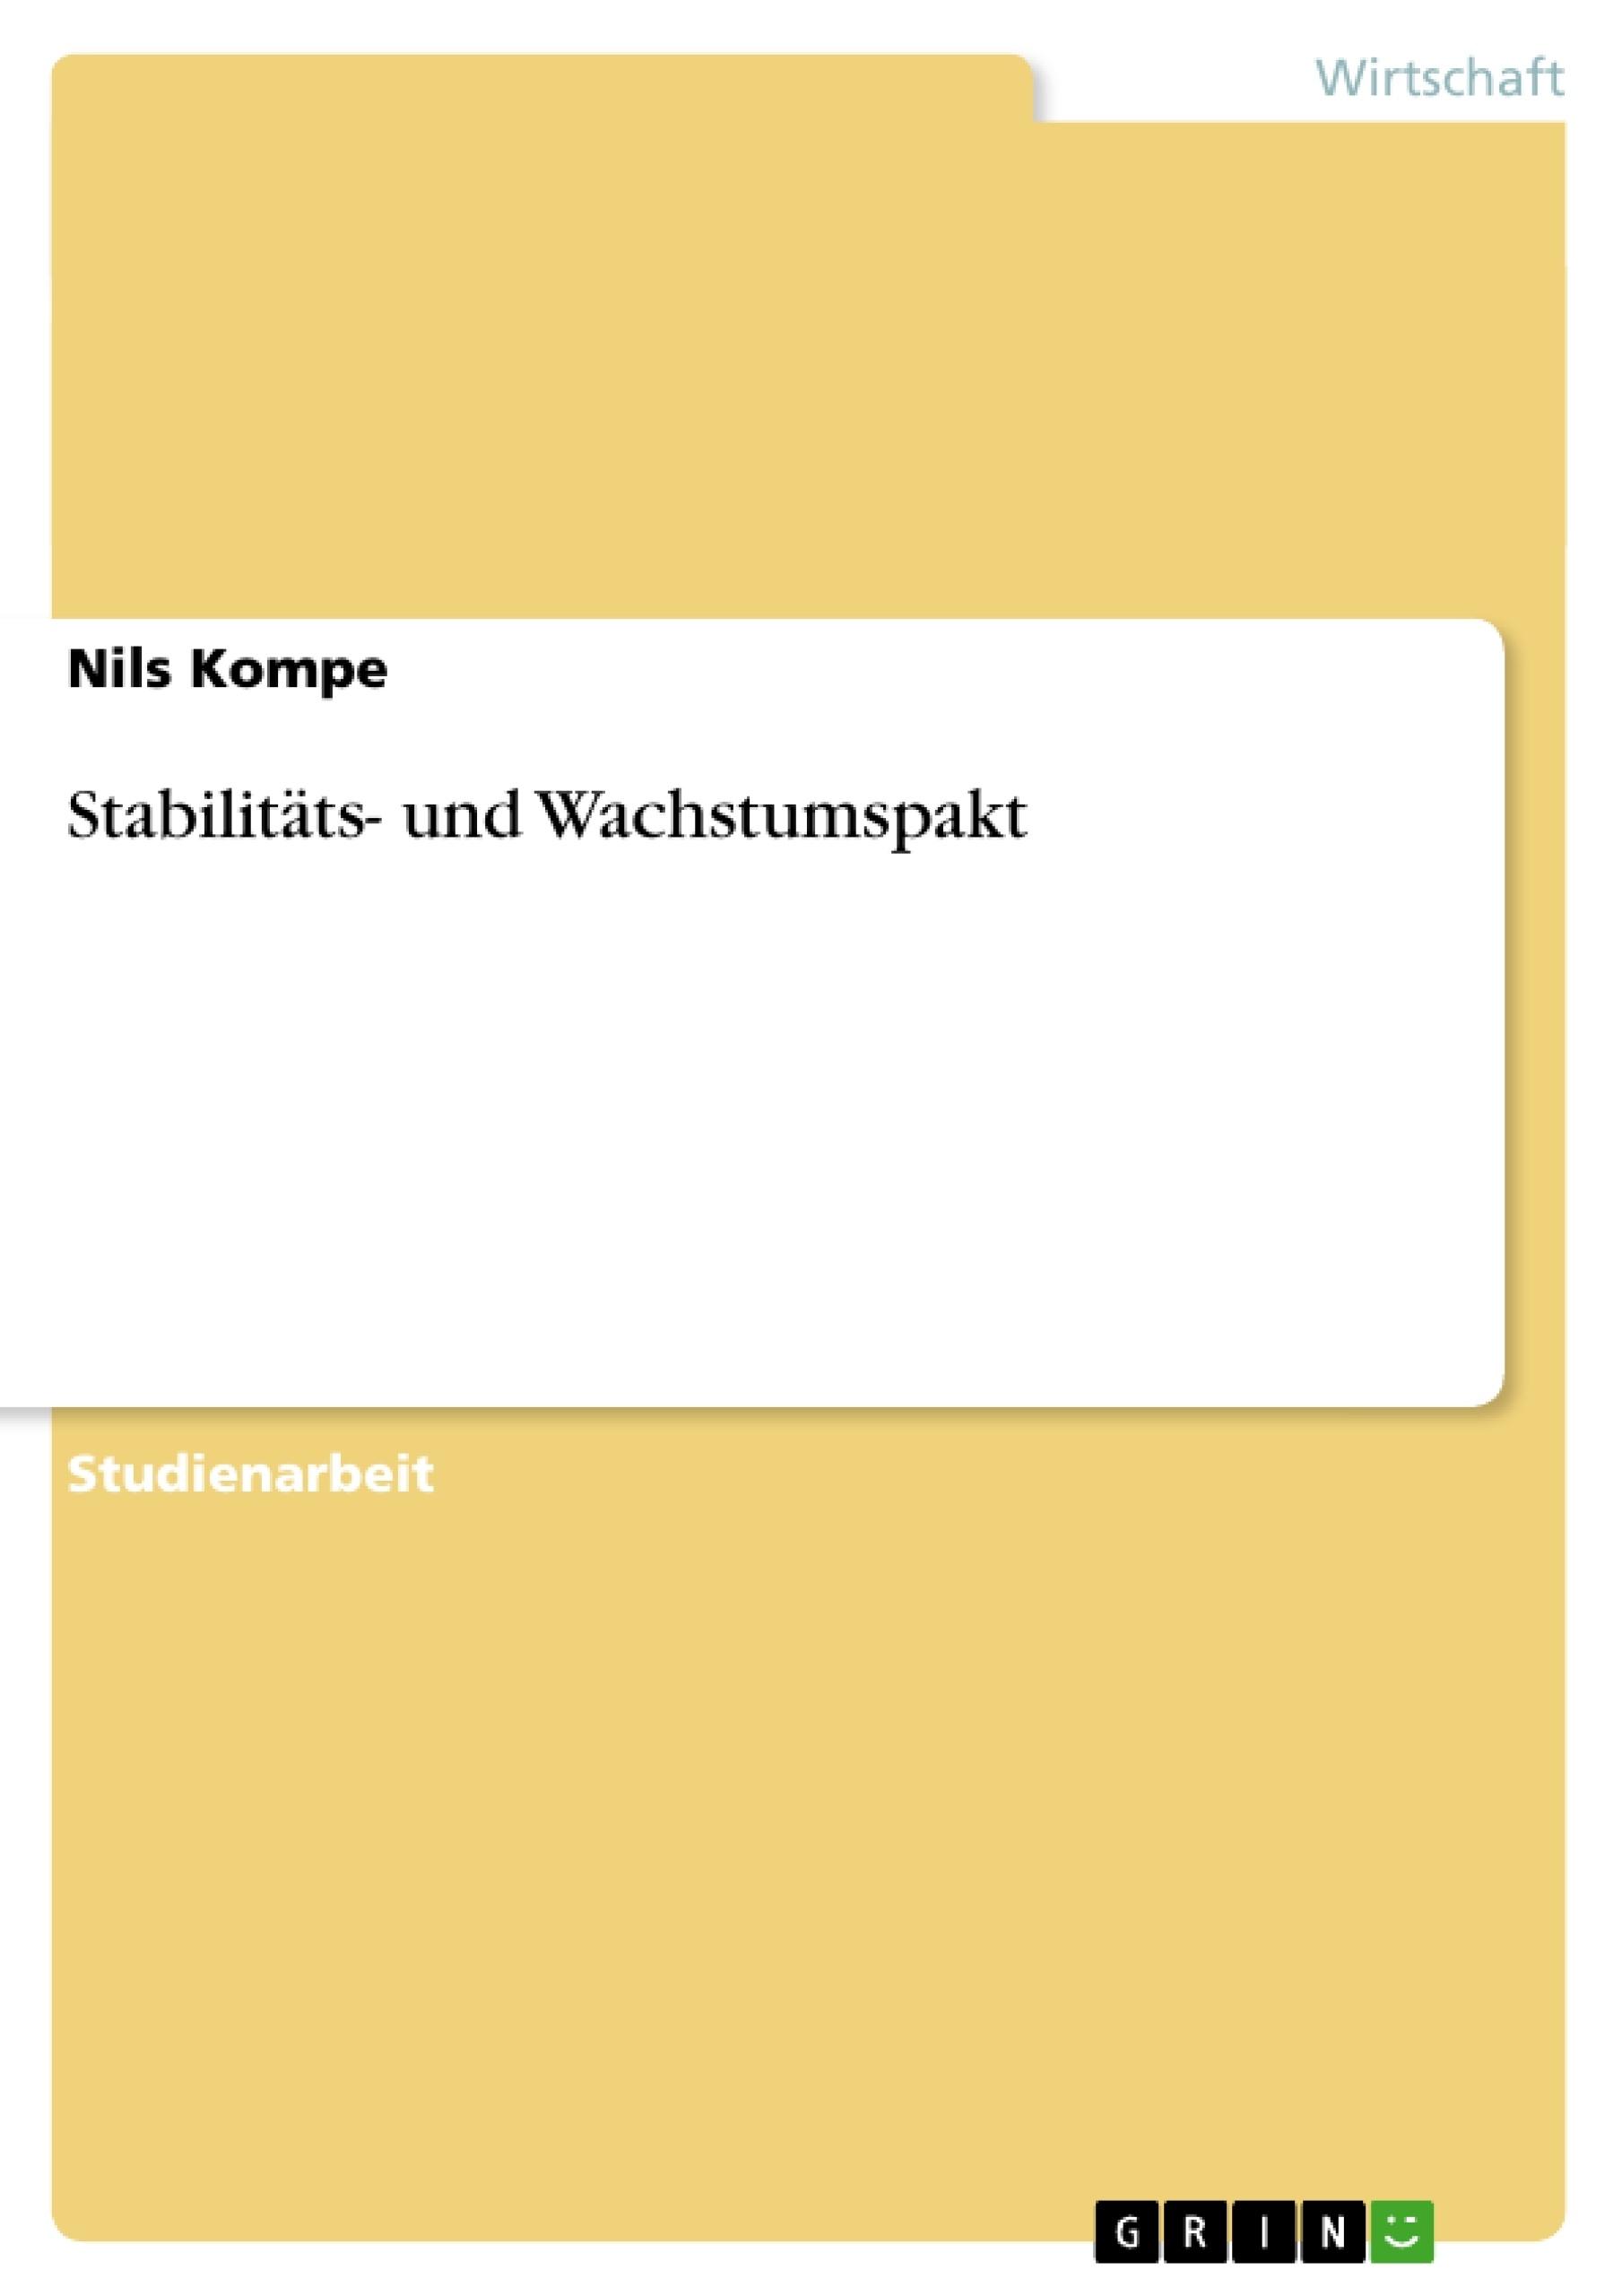 Titel: Stabilitäts- und Wachstumspakt